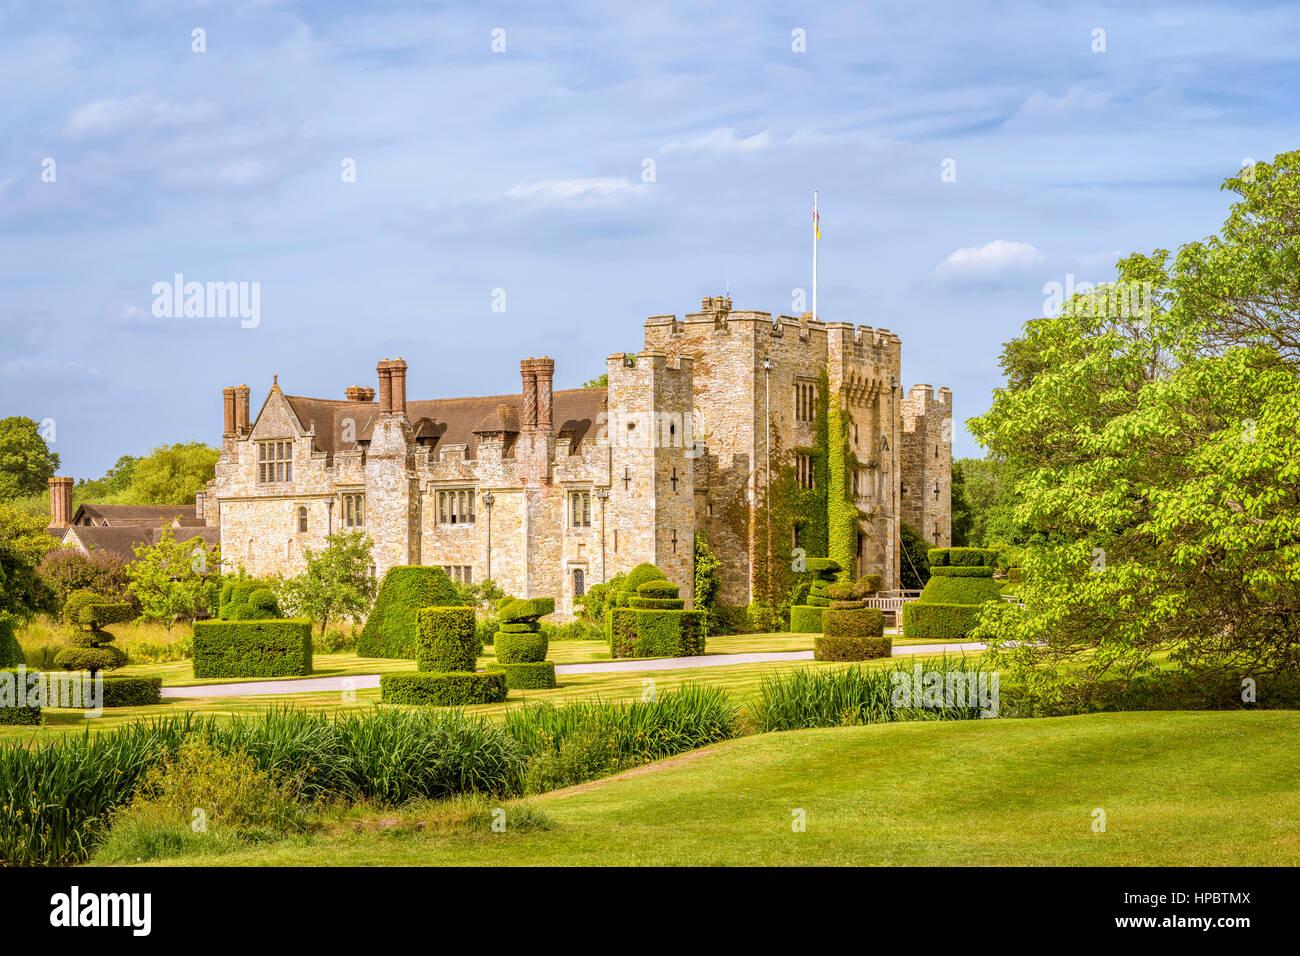 Hever, Kent, England - 18. Juni 2015. Hever Castle wie am 18. Juni 2015 zu sehen. Der älteste Teil des Schlosses Stockbild